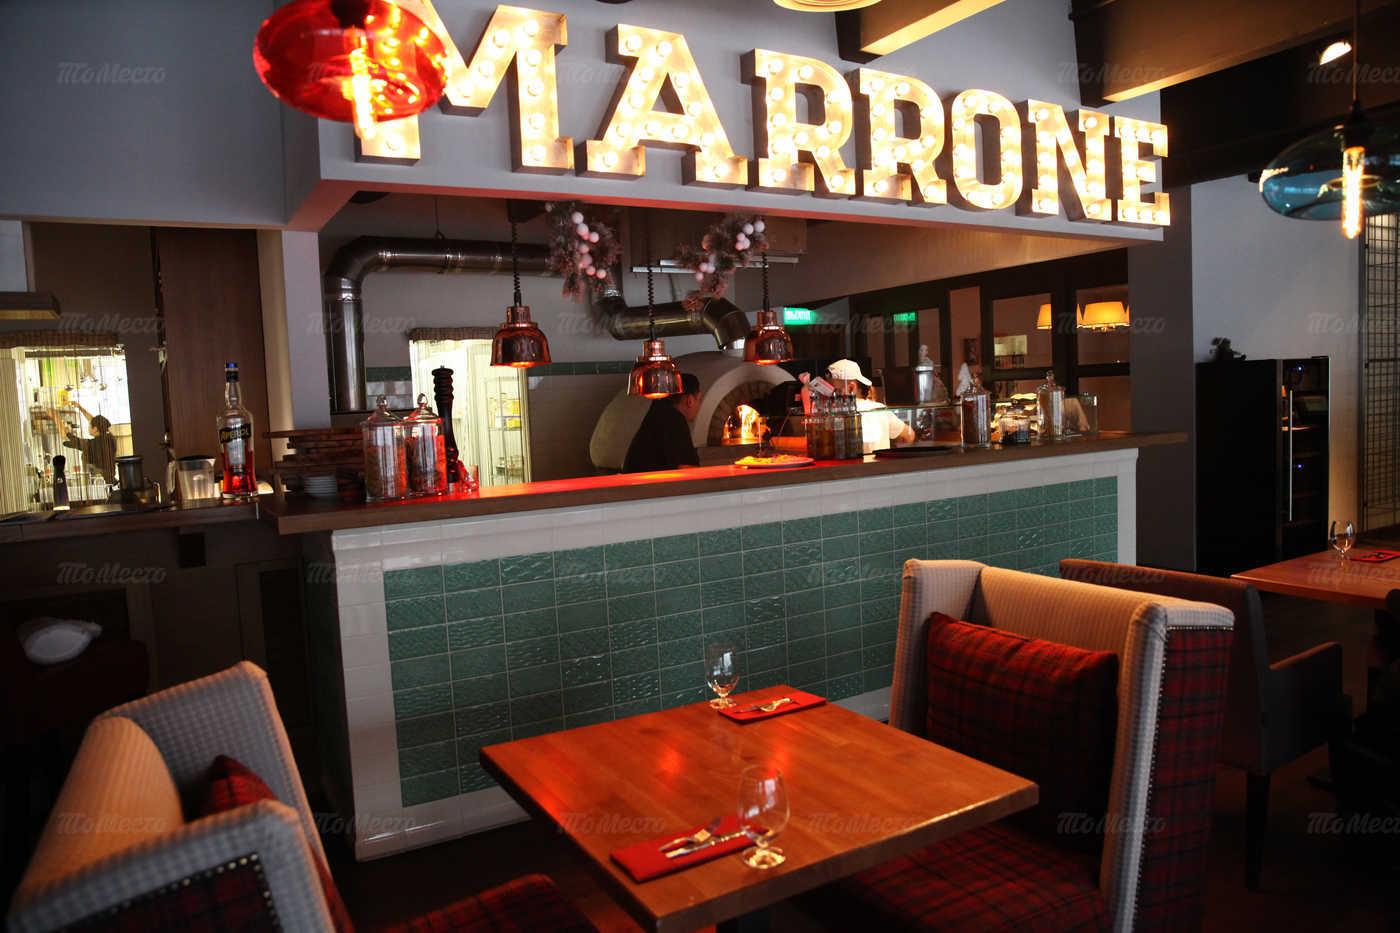 Меню бара, кафе, ресторана Marrone Pizza & Grill на Ленинском проспекте